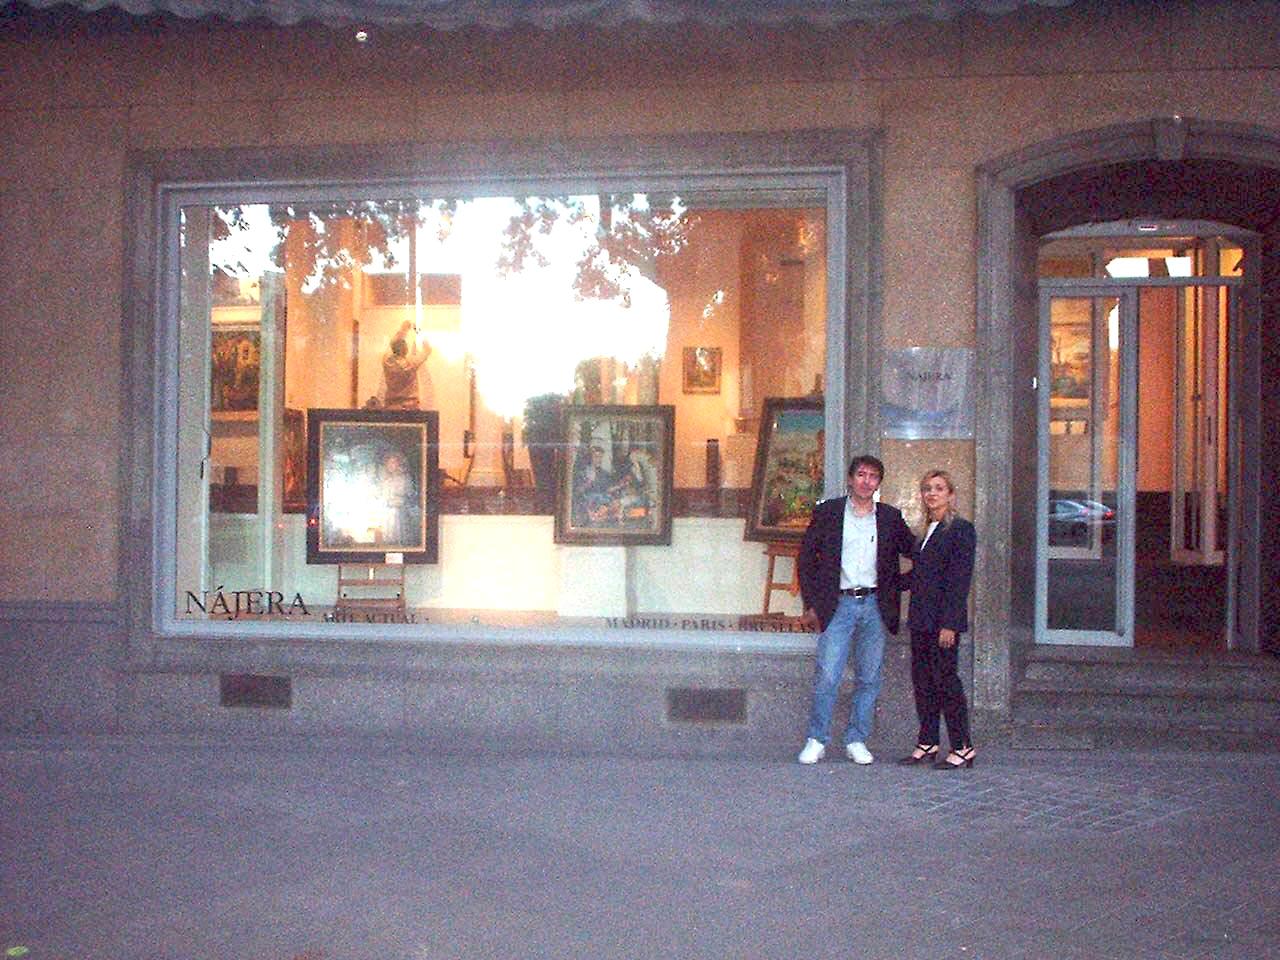 Galeria_Nájera-Madrid